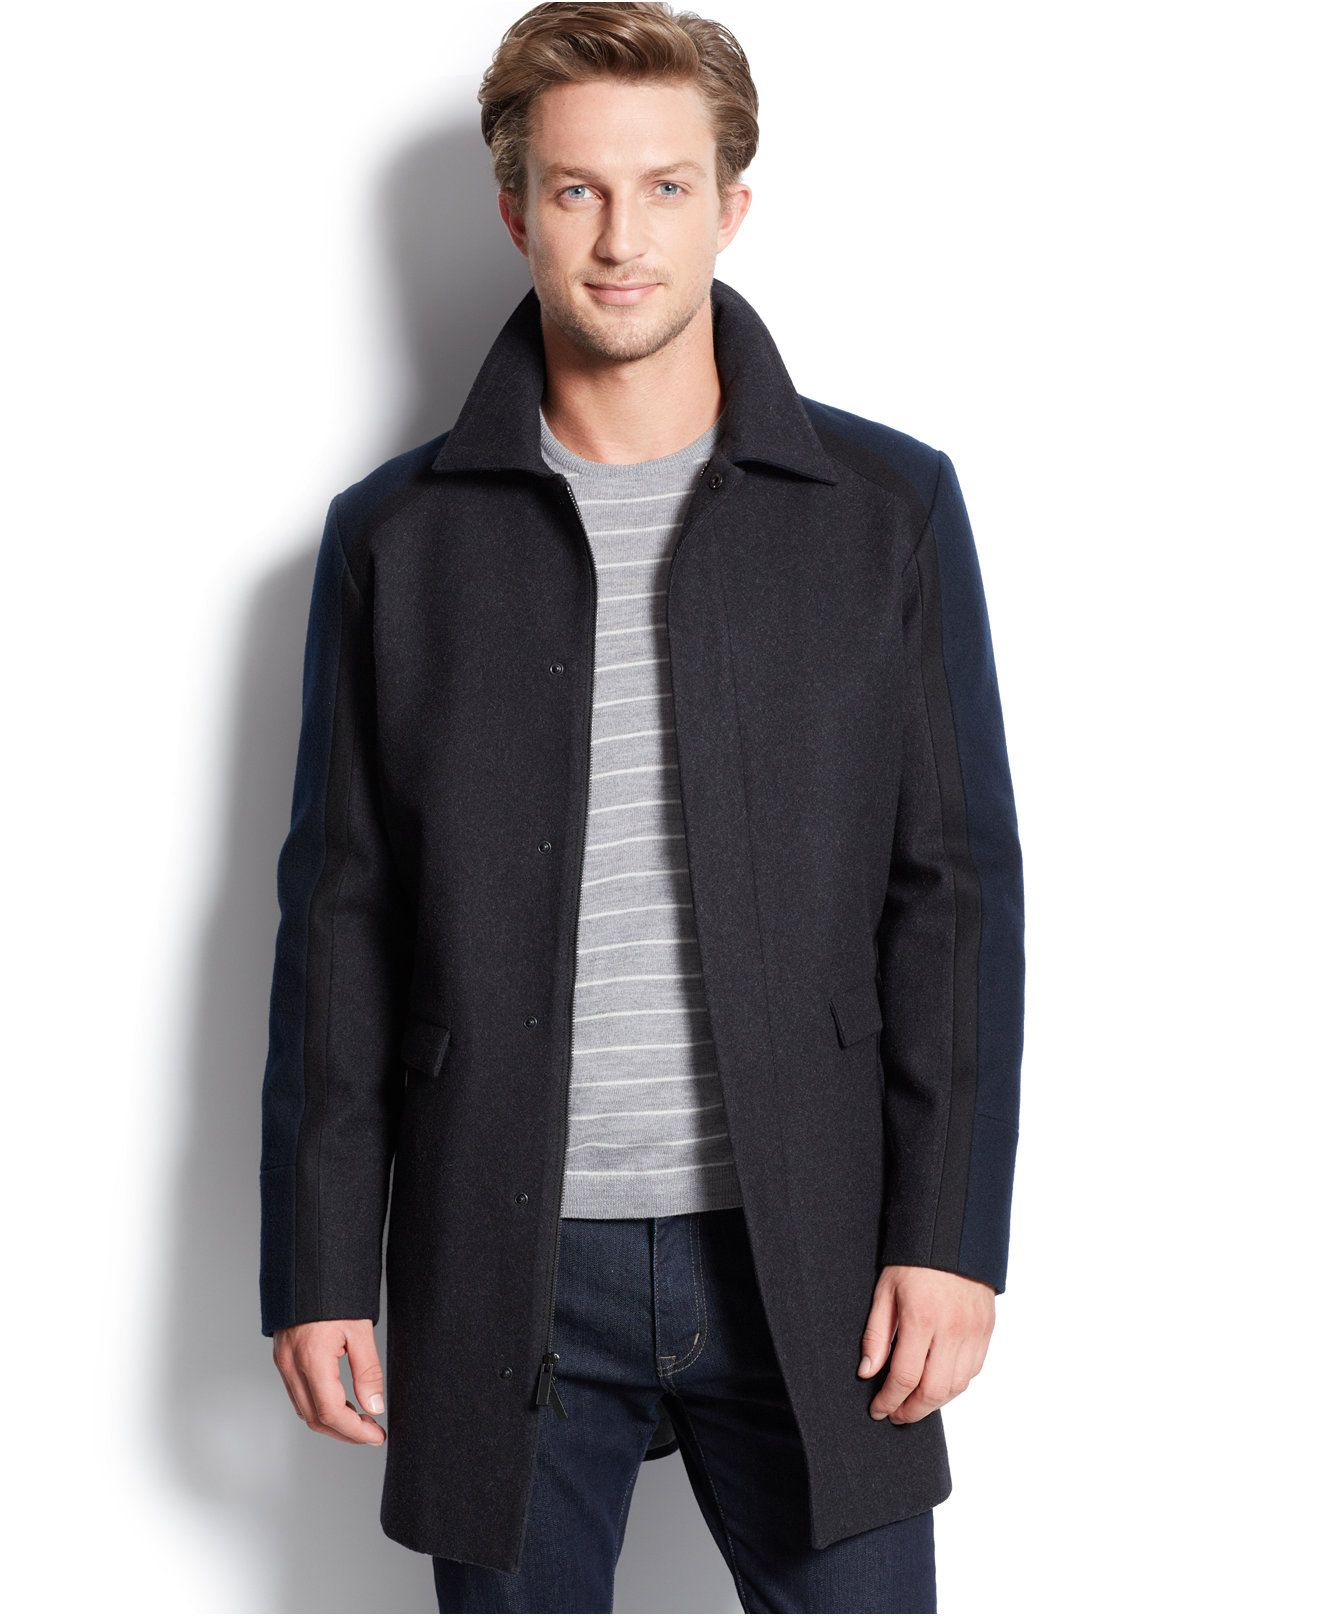 Calvin Klein Colorblocked Three Quarter Slim Fit Coat Coats Jackets Men Macy S Slim Fit Coat Slim Fit Coat [ 1616 x 1320 Pixel ]